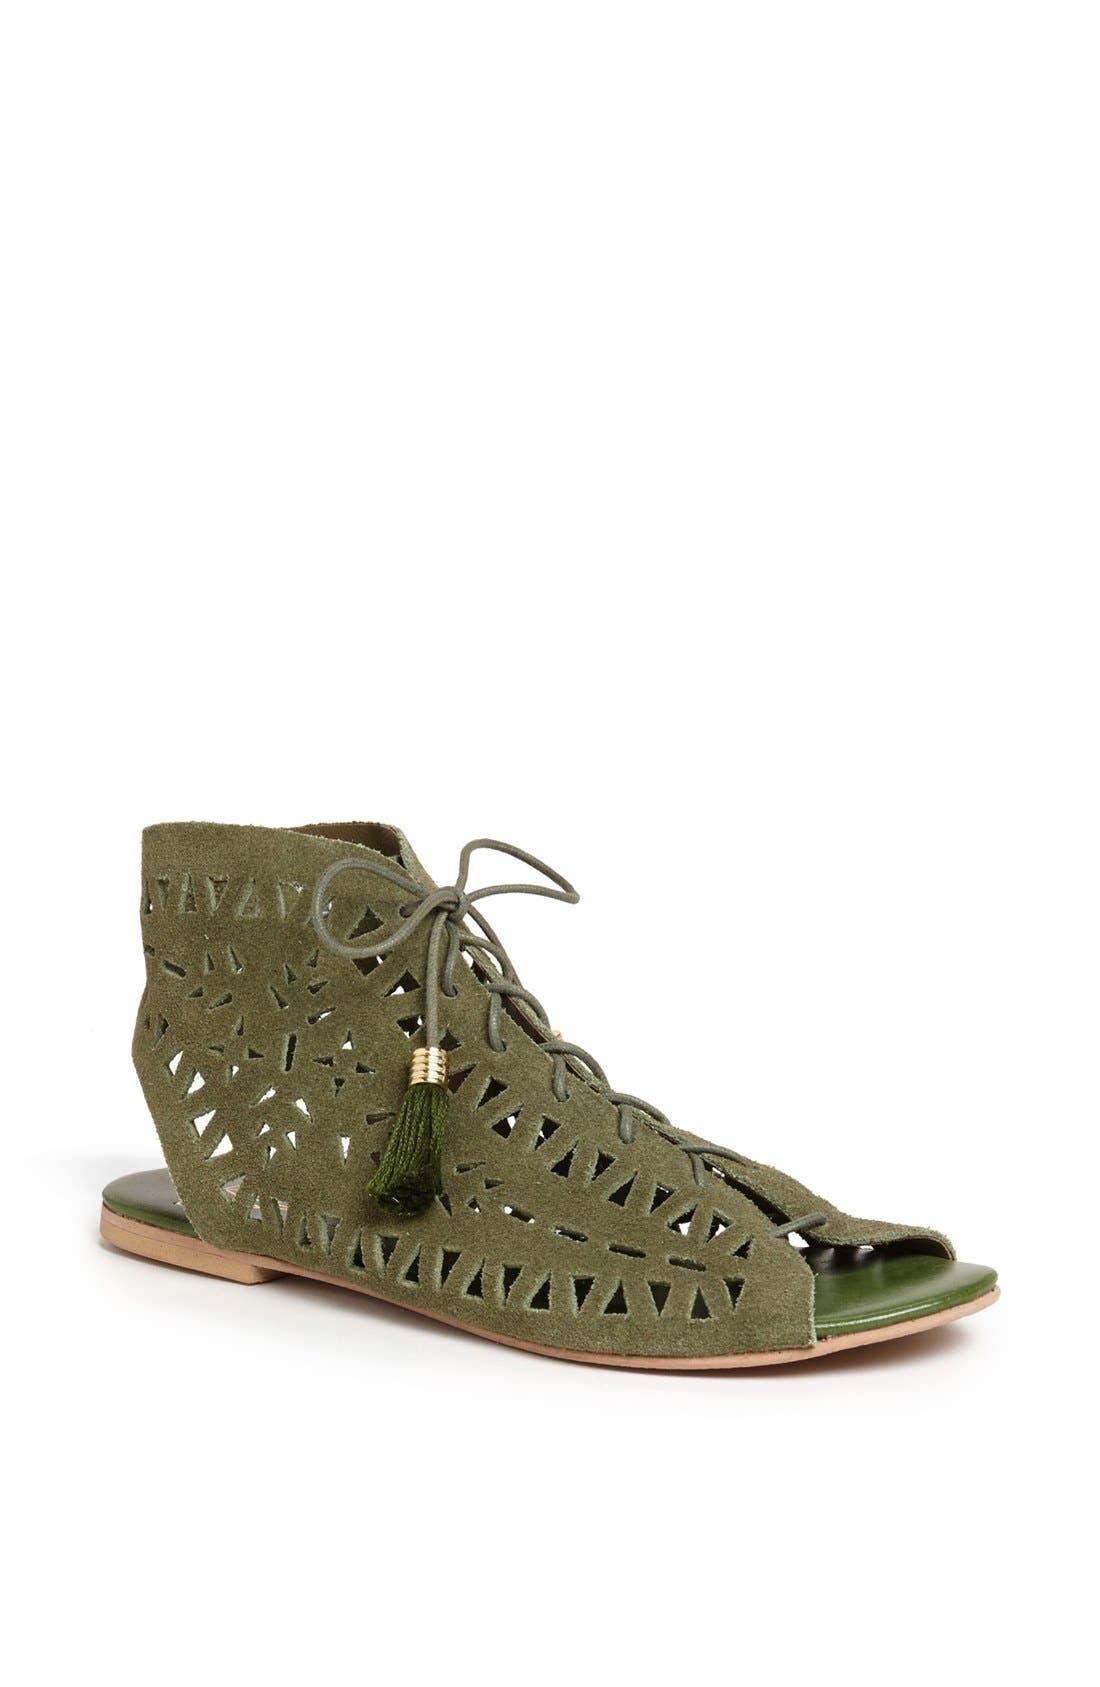 Main Image - Matisse 'Ascot Friday - Boheme' Sandal